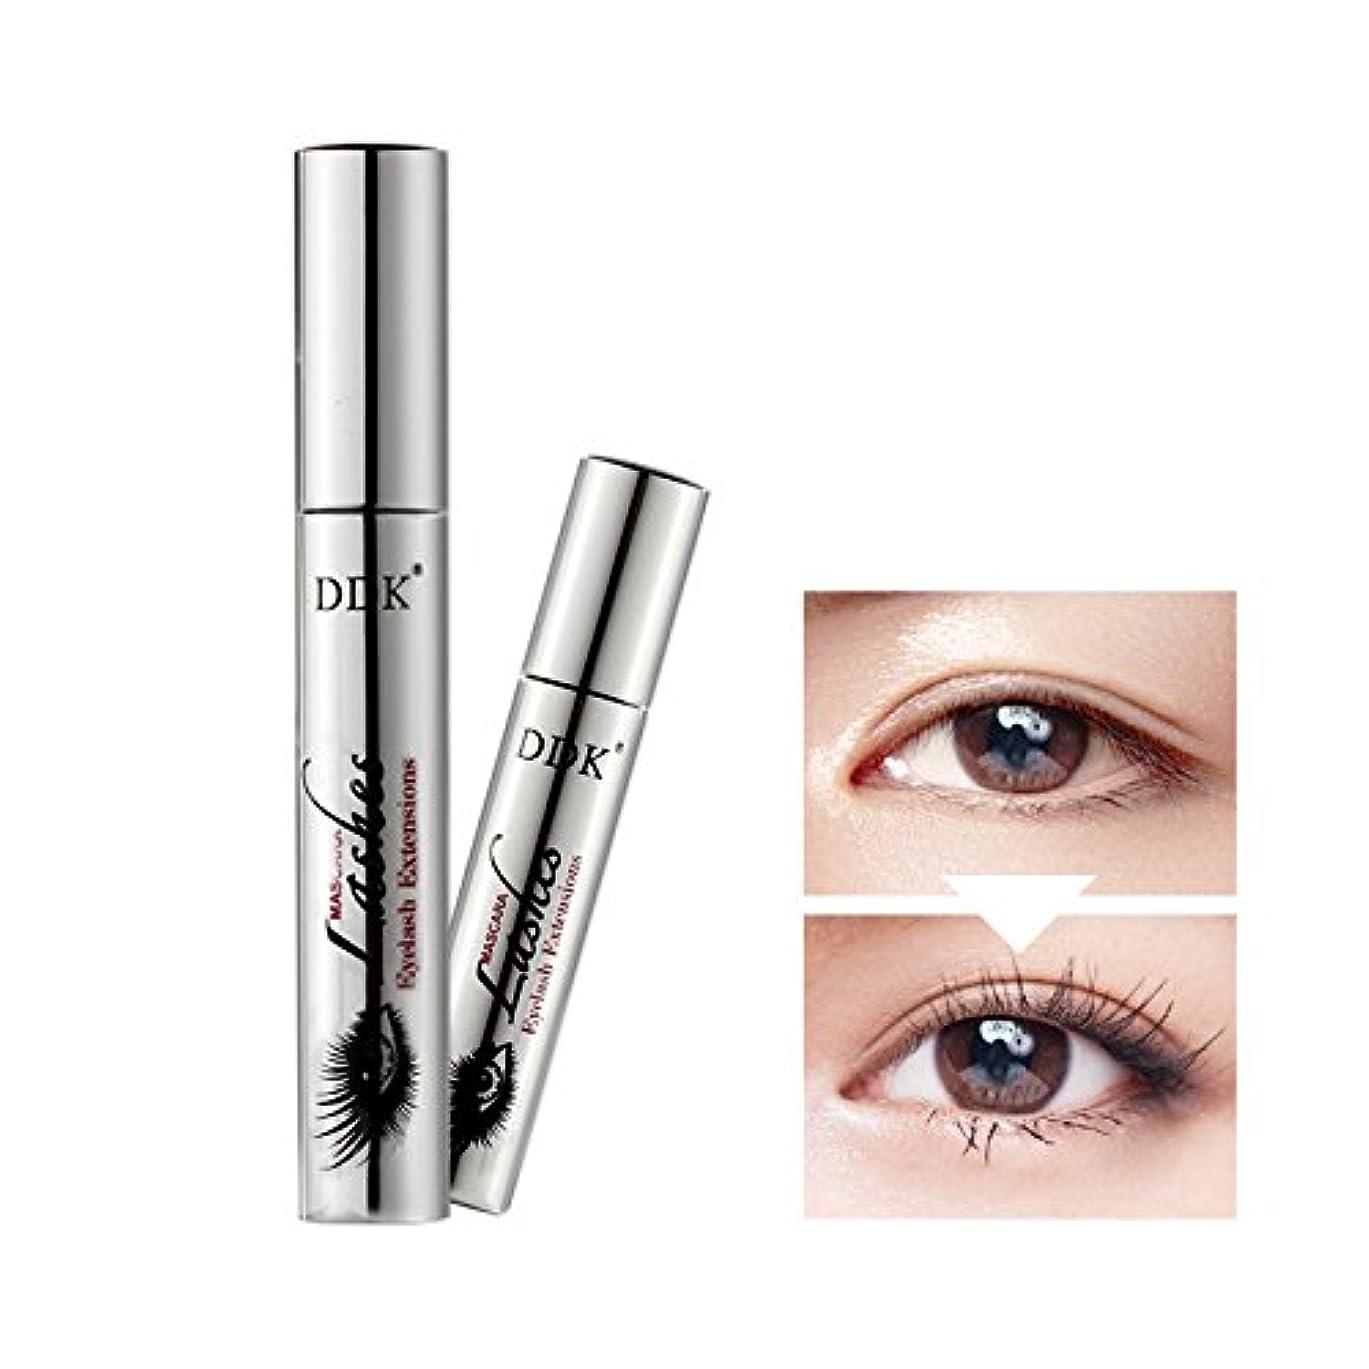 ディベートシンジケート植物学Beautygram DDK 4D MASCARA 4D マスカラ Long Extension Amazing Eyelash ロング エクステンション アメージング まつ毛 [並行輸入品]